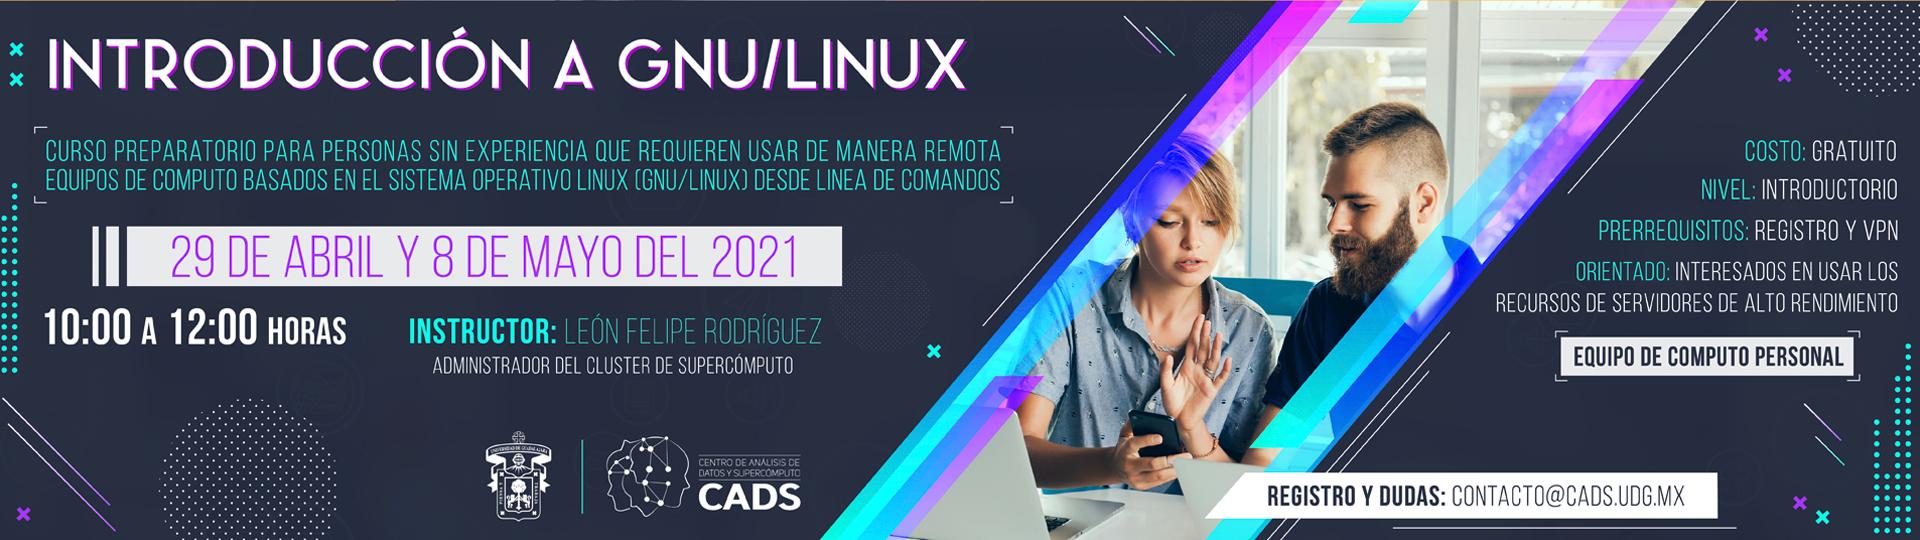 CADS: Capacitacion en GNU/ LINUX 2021